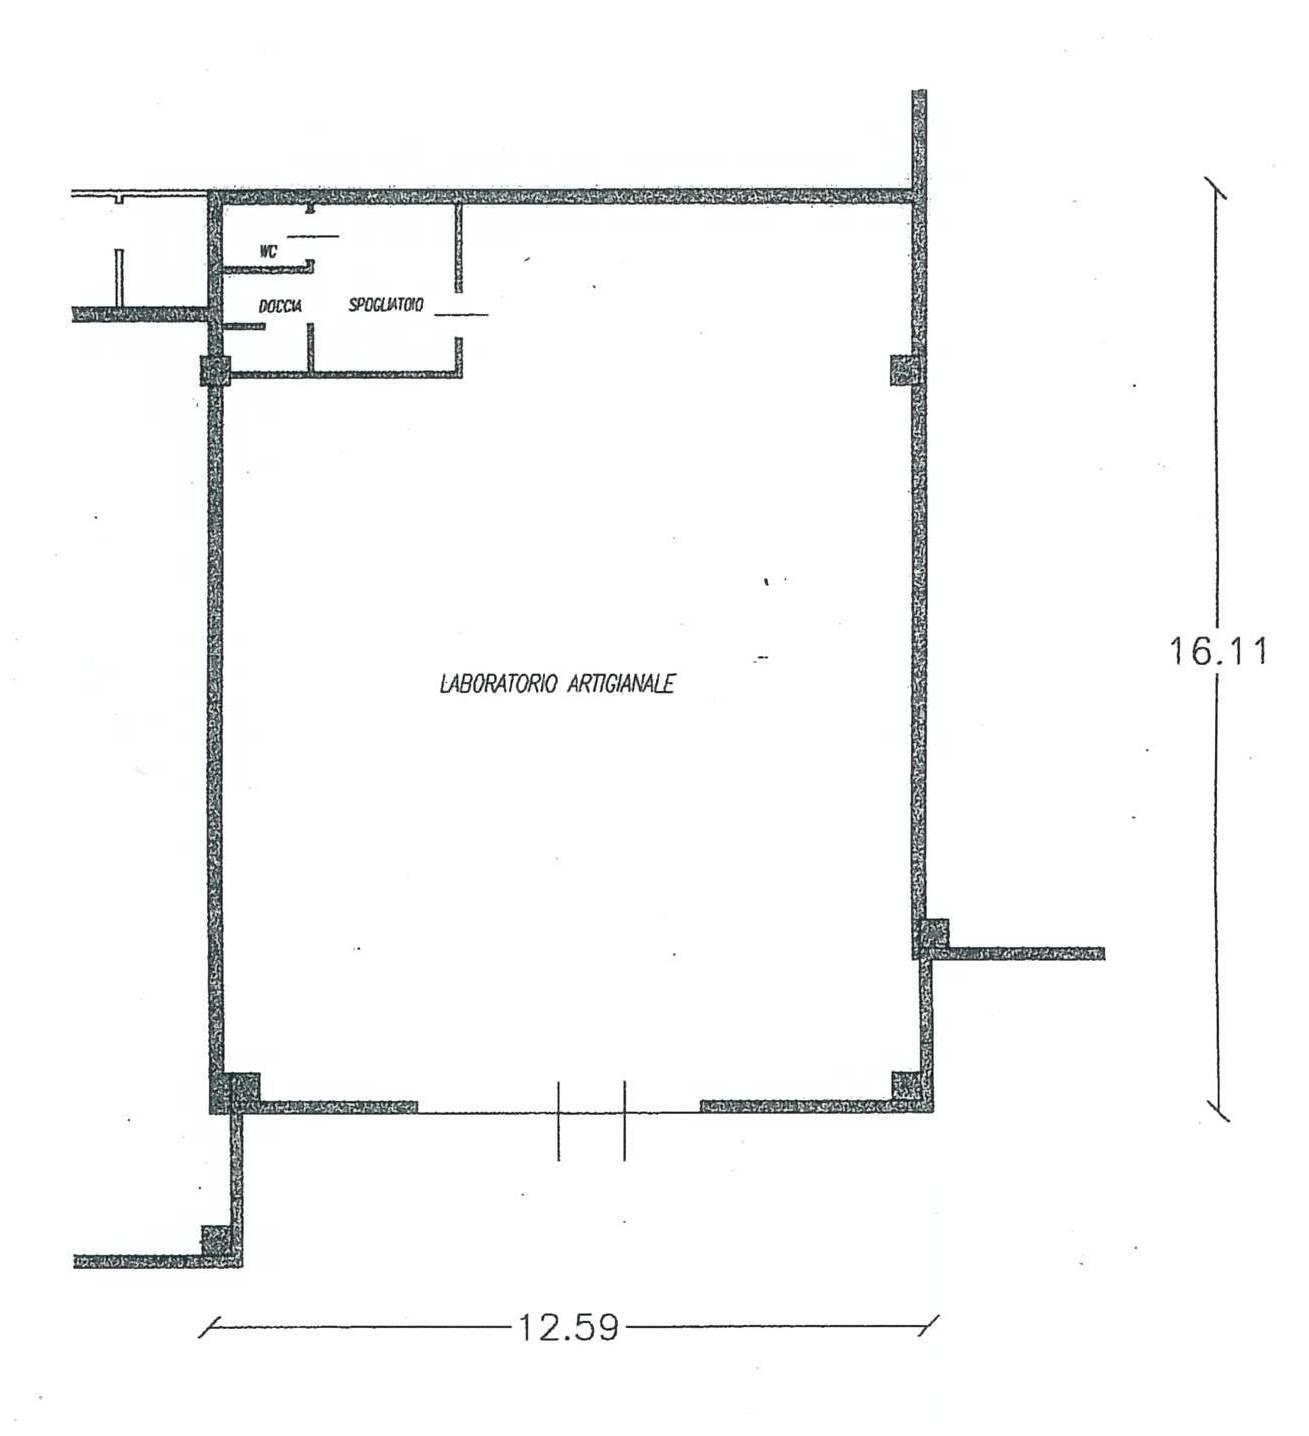 Laboratorio in vendita a Riva del Garda, 9999 locali, zona Zona: Riva, prezzo € 170.000 | Cambio Casa.it